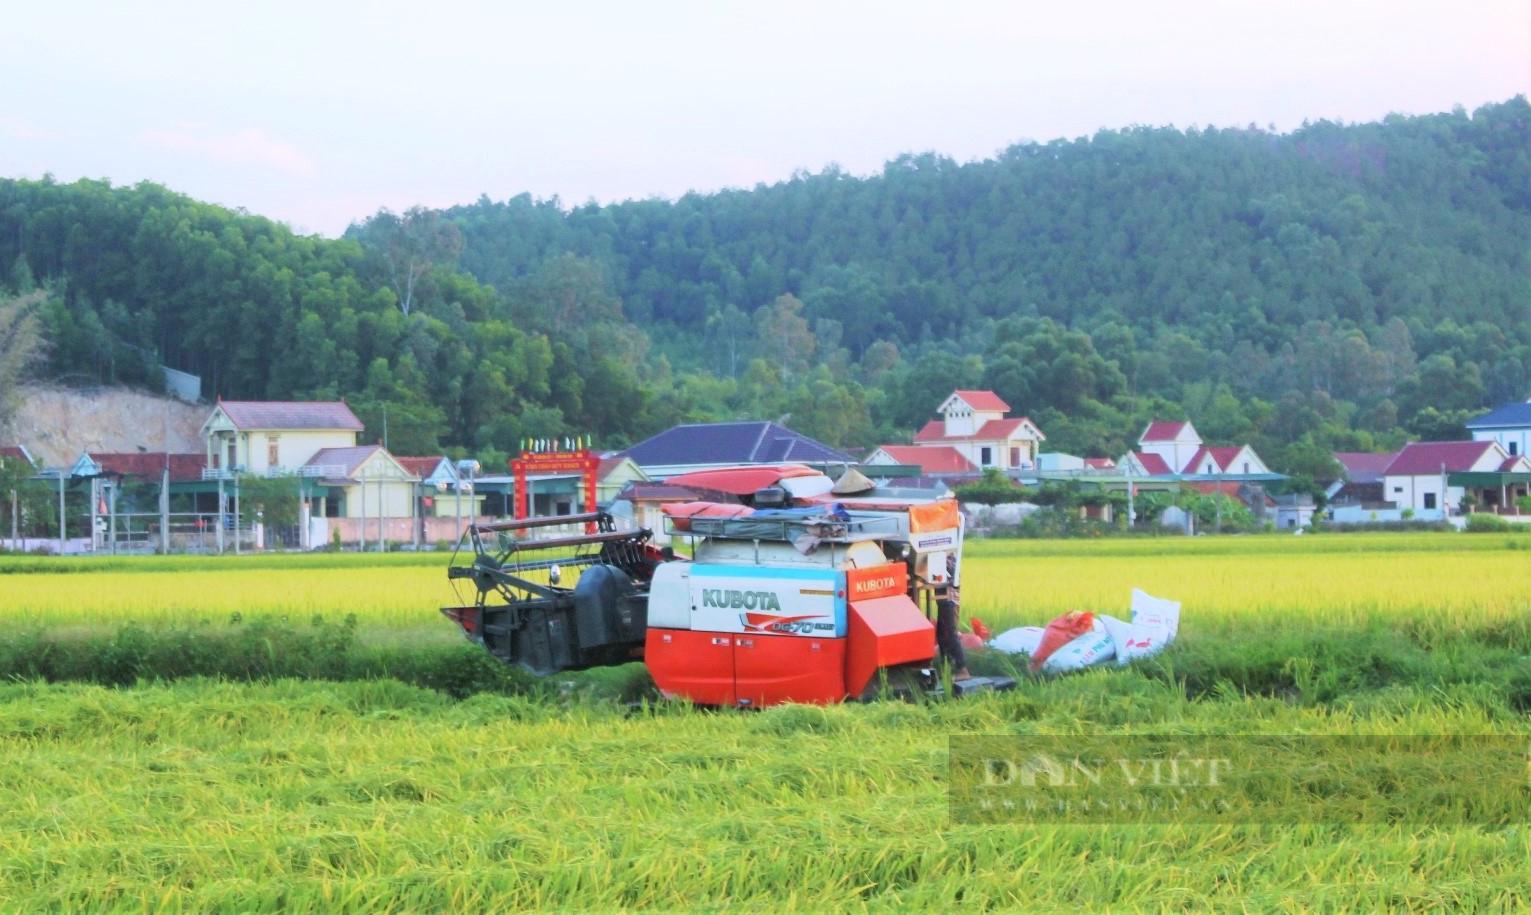 """Nghệ An: Nông dân tự giác phòng dịch, """"áo xanh"""" gặt lúa giúp dân vùng giãn cách xã hội - Ảnh 1."""